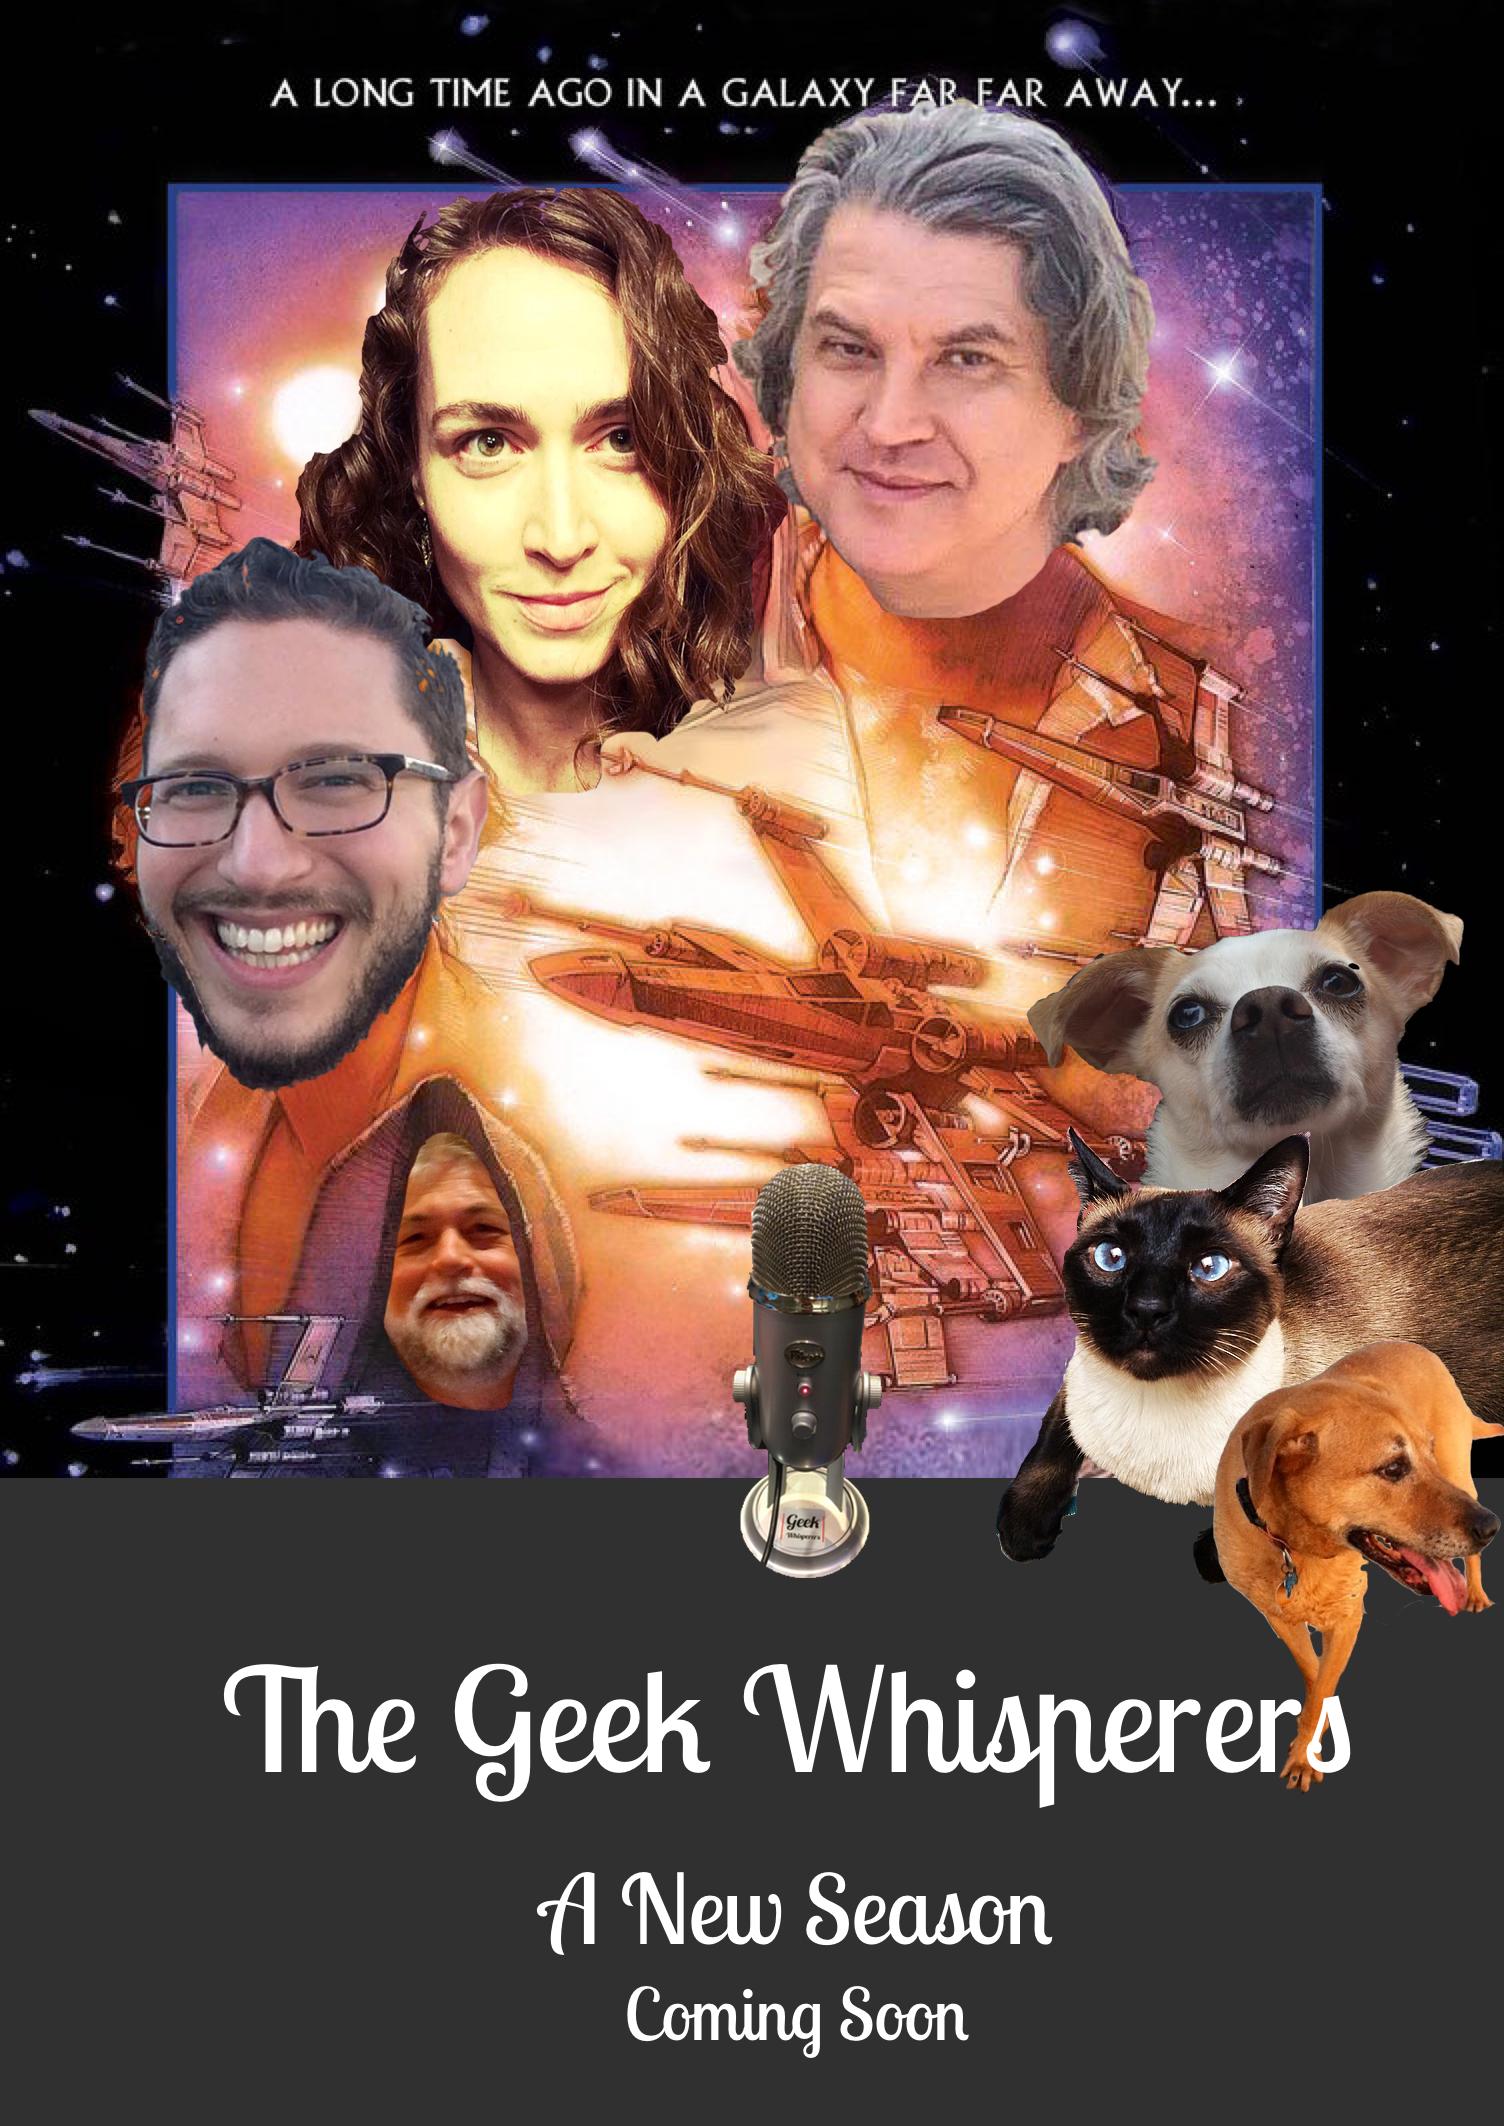 The Geek Whisperers are focusing on geek careers in 2015